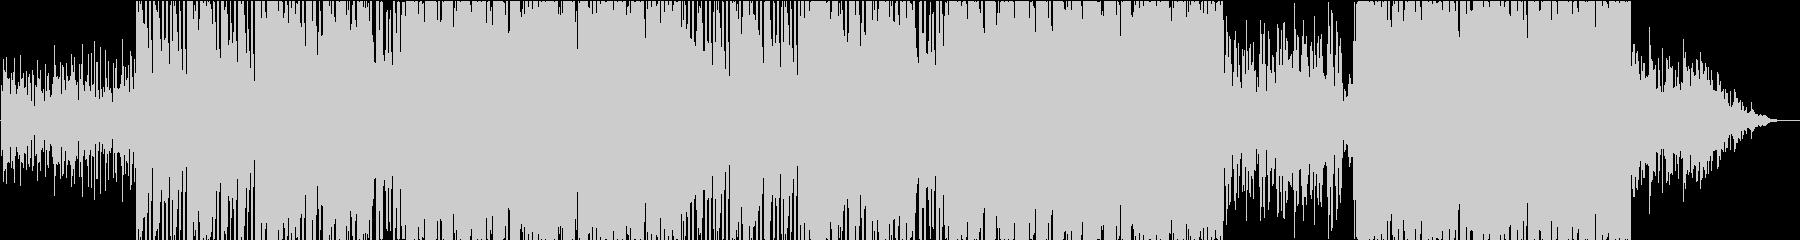 ラウンジ、リラックス、トロピカルの未再生の波形